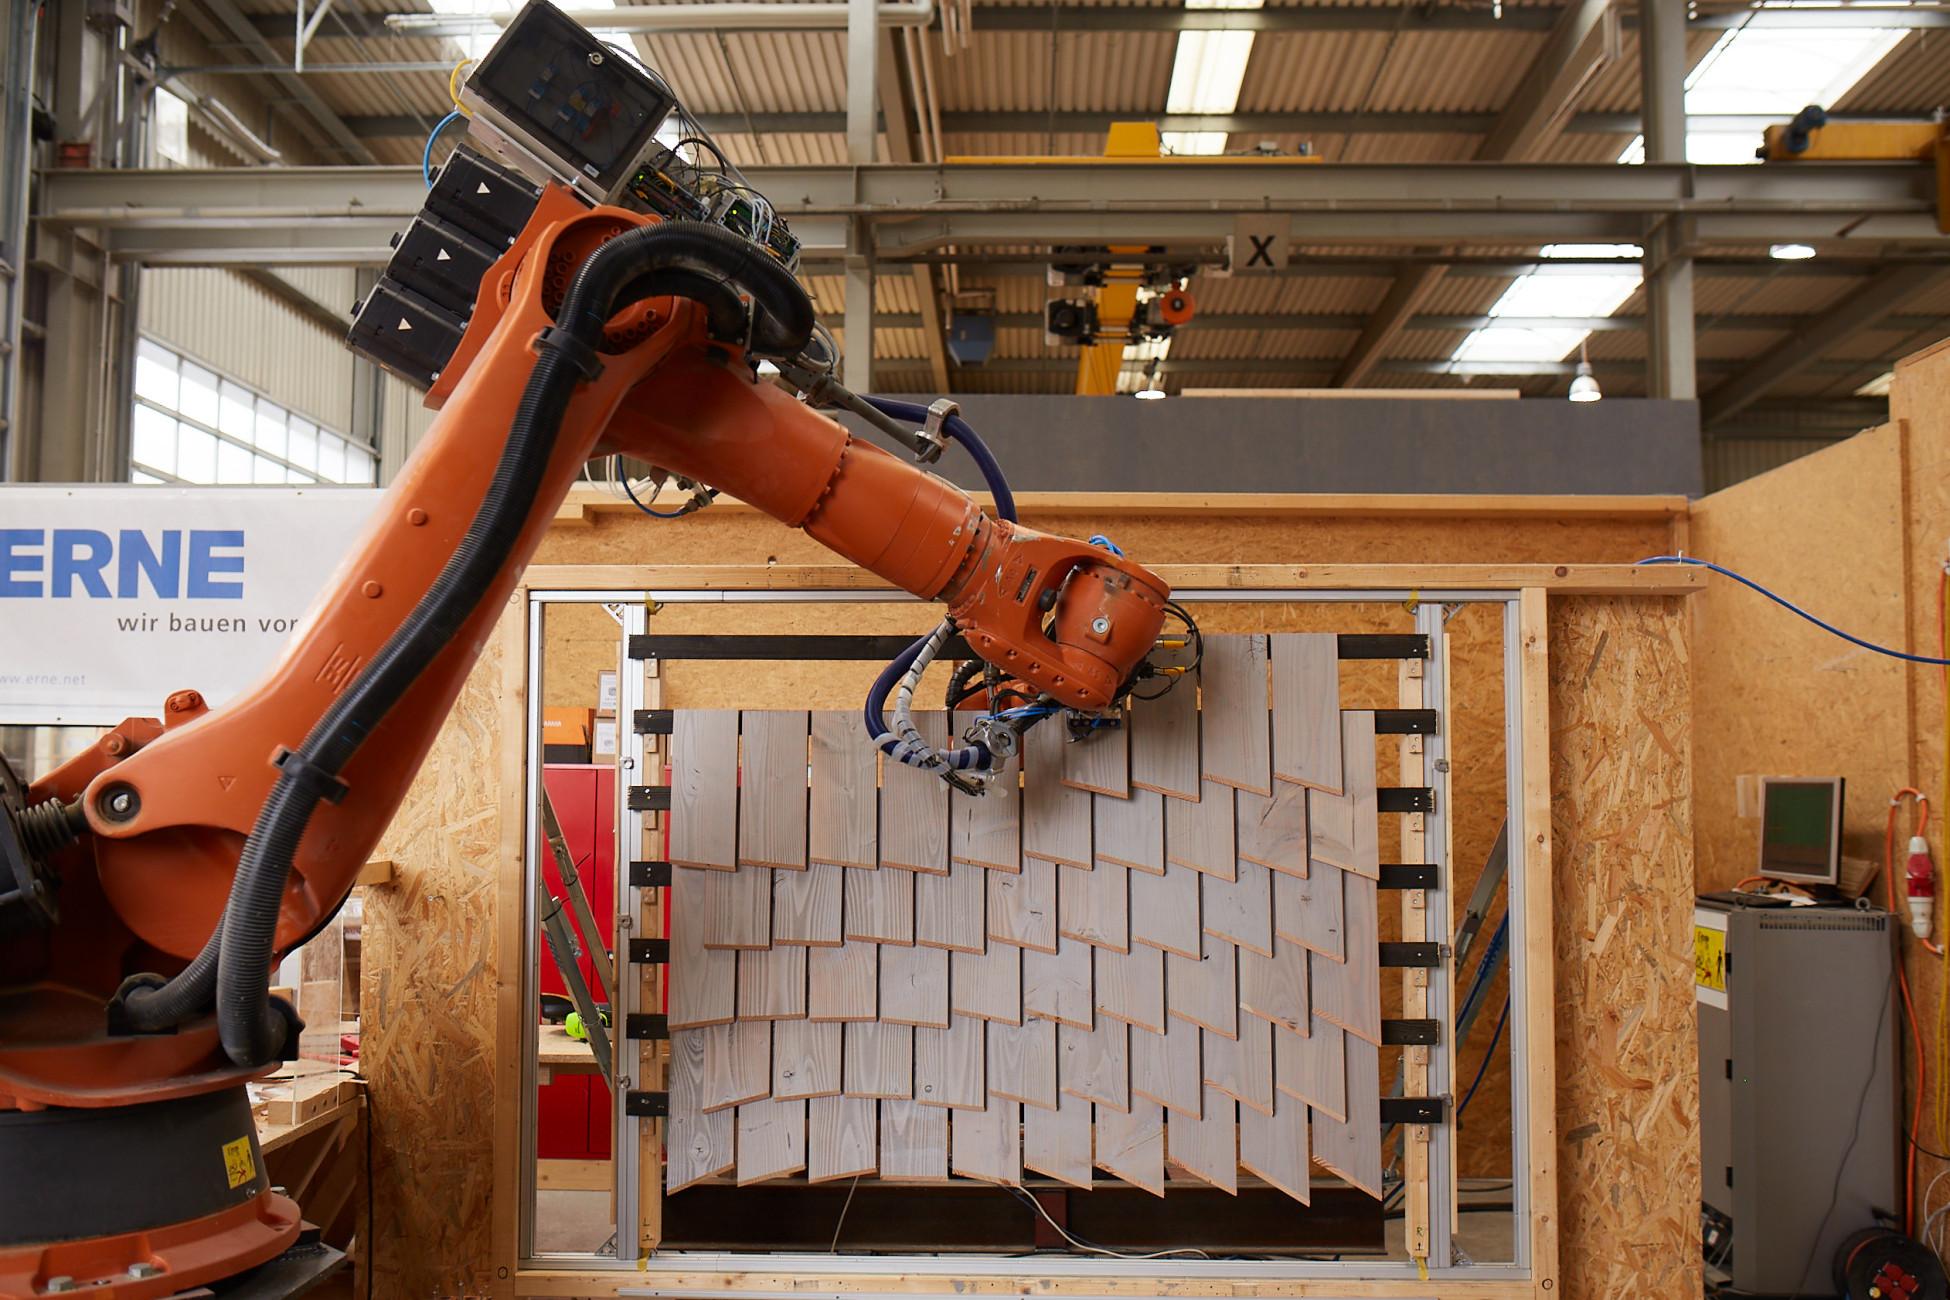 Kuka Roboter assembliert eine parametrische Fassade